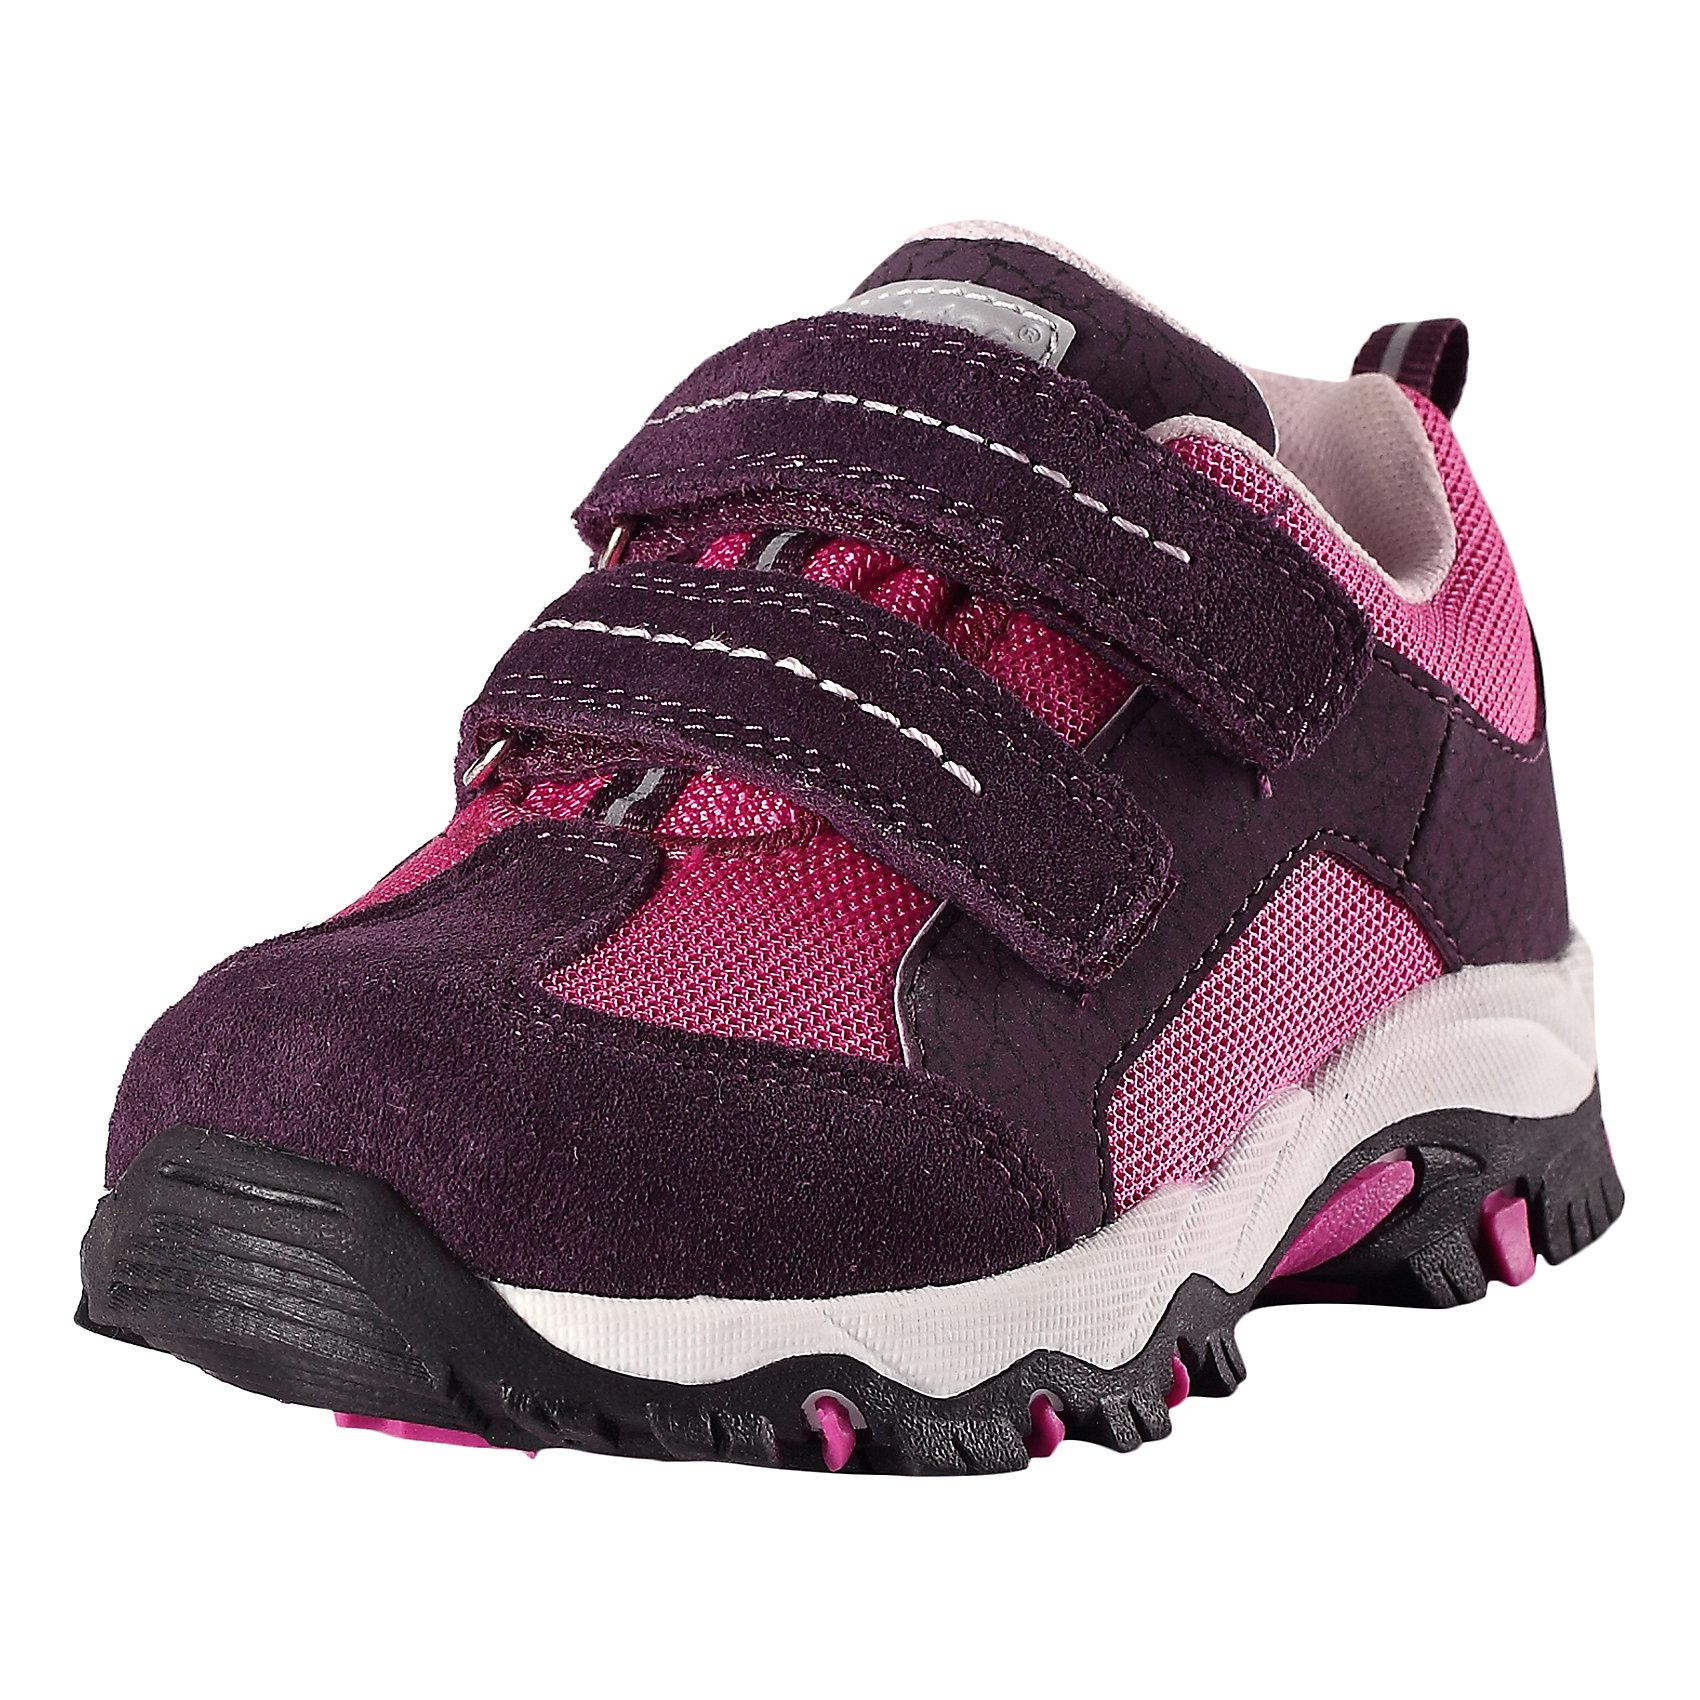 Кроссовки для девочки LASSIE by ReimaХарактеристики товара:<br><br>• цвет: розовый<br>• состав: верх - ПЭ,ПУ/кожа, подошва - резина термопластичная<br>• застежка: липучка<br>• мягкая текстильная подкладка<br>• усиленные пятка и носок<br>• съемные стельки<br>• светоотражающие детали<br>• страна производства: Китай<br>• страна бренда: Финляндия<br>• коллекция: весна-лето 2017<br><br>Детская обувь может быть модной и комфортной одновременно! Удобные стильные кроссовки помогут обеспечить ребенку комфорт и дополнить наряд. Они отлично смотрятся с различной одеждой. Кроссовки удобно сидят на ноге и аккуратно смотрятся. Легко чистятся и долго служат. Продуманная конструкция разрабатывалась специально для детей.<br><br>Обувь и одежда от финского бренда LASSIE by Reima пользуются популярностью во многих странах. Они стильные, качественные и удобные. Для производства продукции используются только безопасные, проверенные материалы и фурнитура. Порадуйте ребенка модными и красивыми вещами от Lassie®! <br><br>Кроссовки для девочки от финского бренда LASSIE by Reima можно купить в нашем интернет-магазине.<br><br>Ширина мм: 262<br>Глубина мм: 176<br>Высота мм: 97<br>Вес г: 427<br>Цвет: розовый<br>Возраст от месяцев: 84<br>Возраст до месяцев: 96<br>Пол: Женский<br>Возраст: Детский<br>Размер: 31,35,24,34,33,32,30,29,28,27,26,25<br>SKU: 5263383